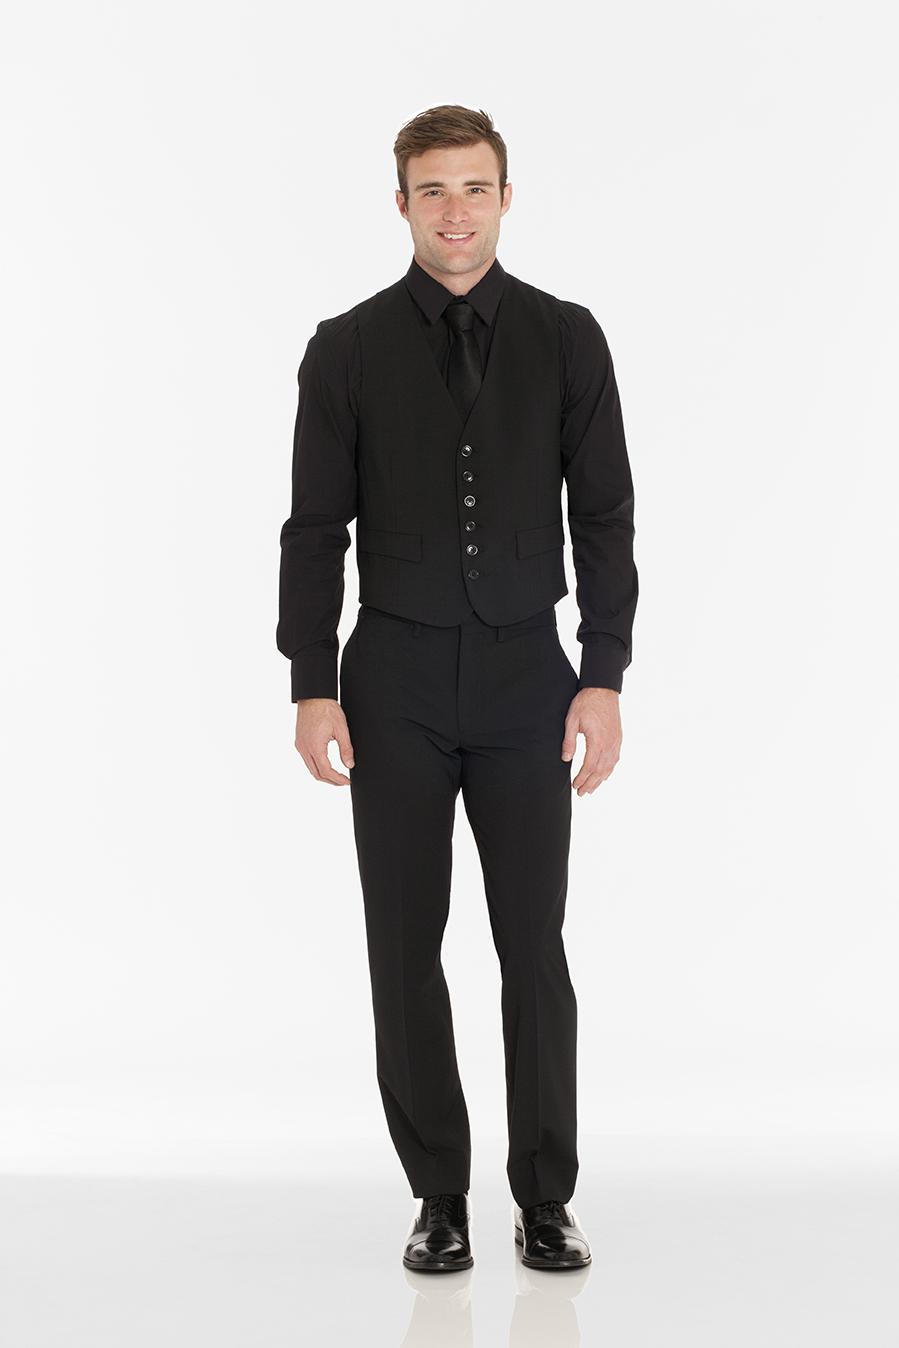 Vest 1211 Shirt 1053 Pant 297 Tie 1422